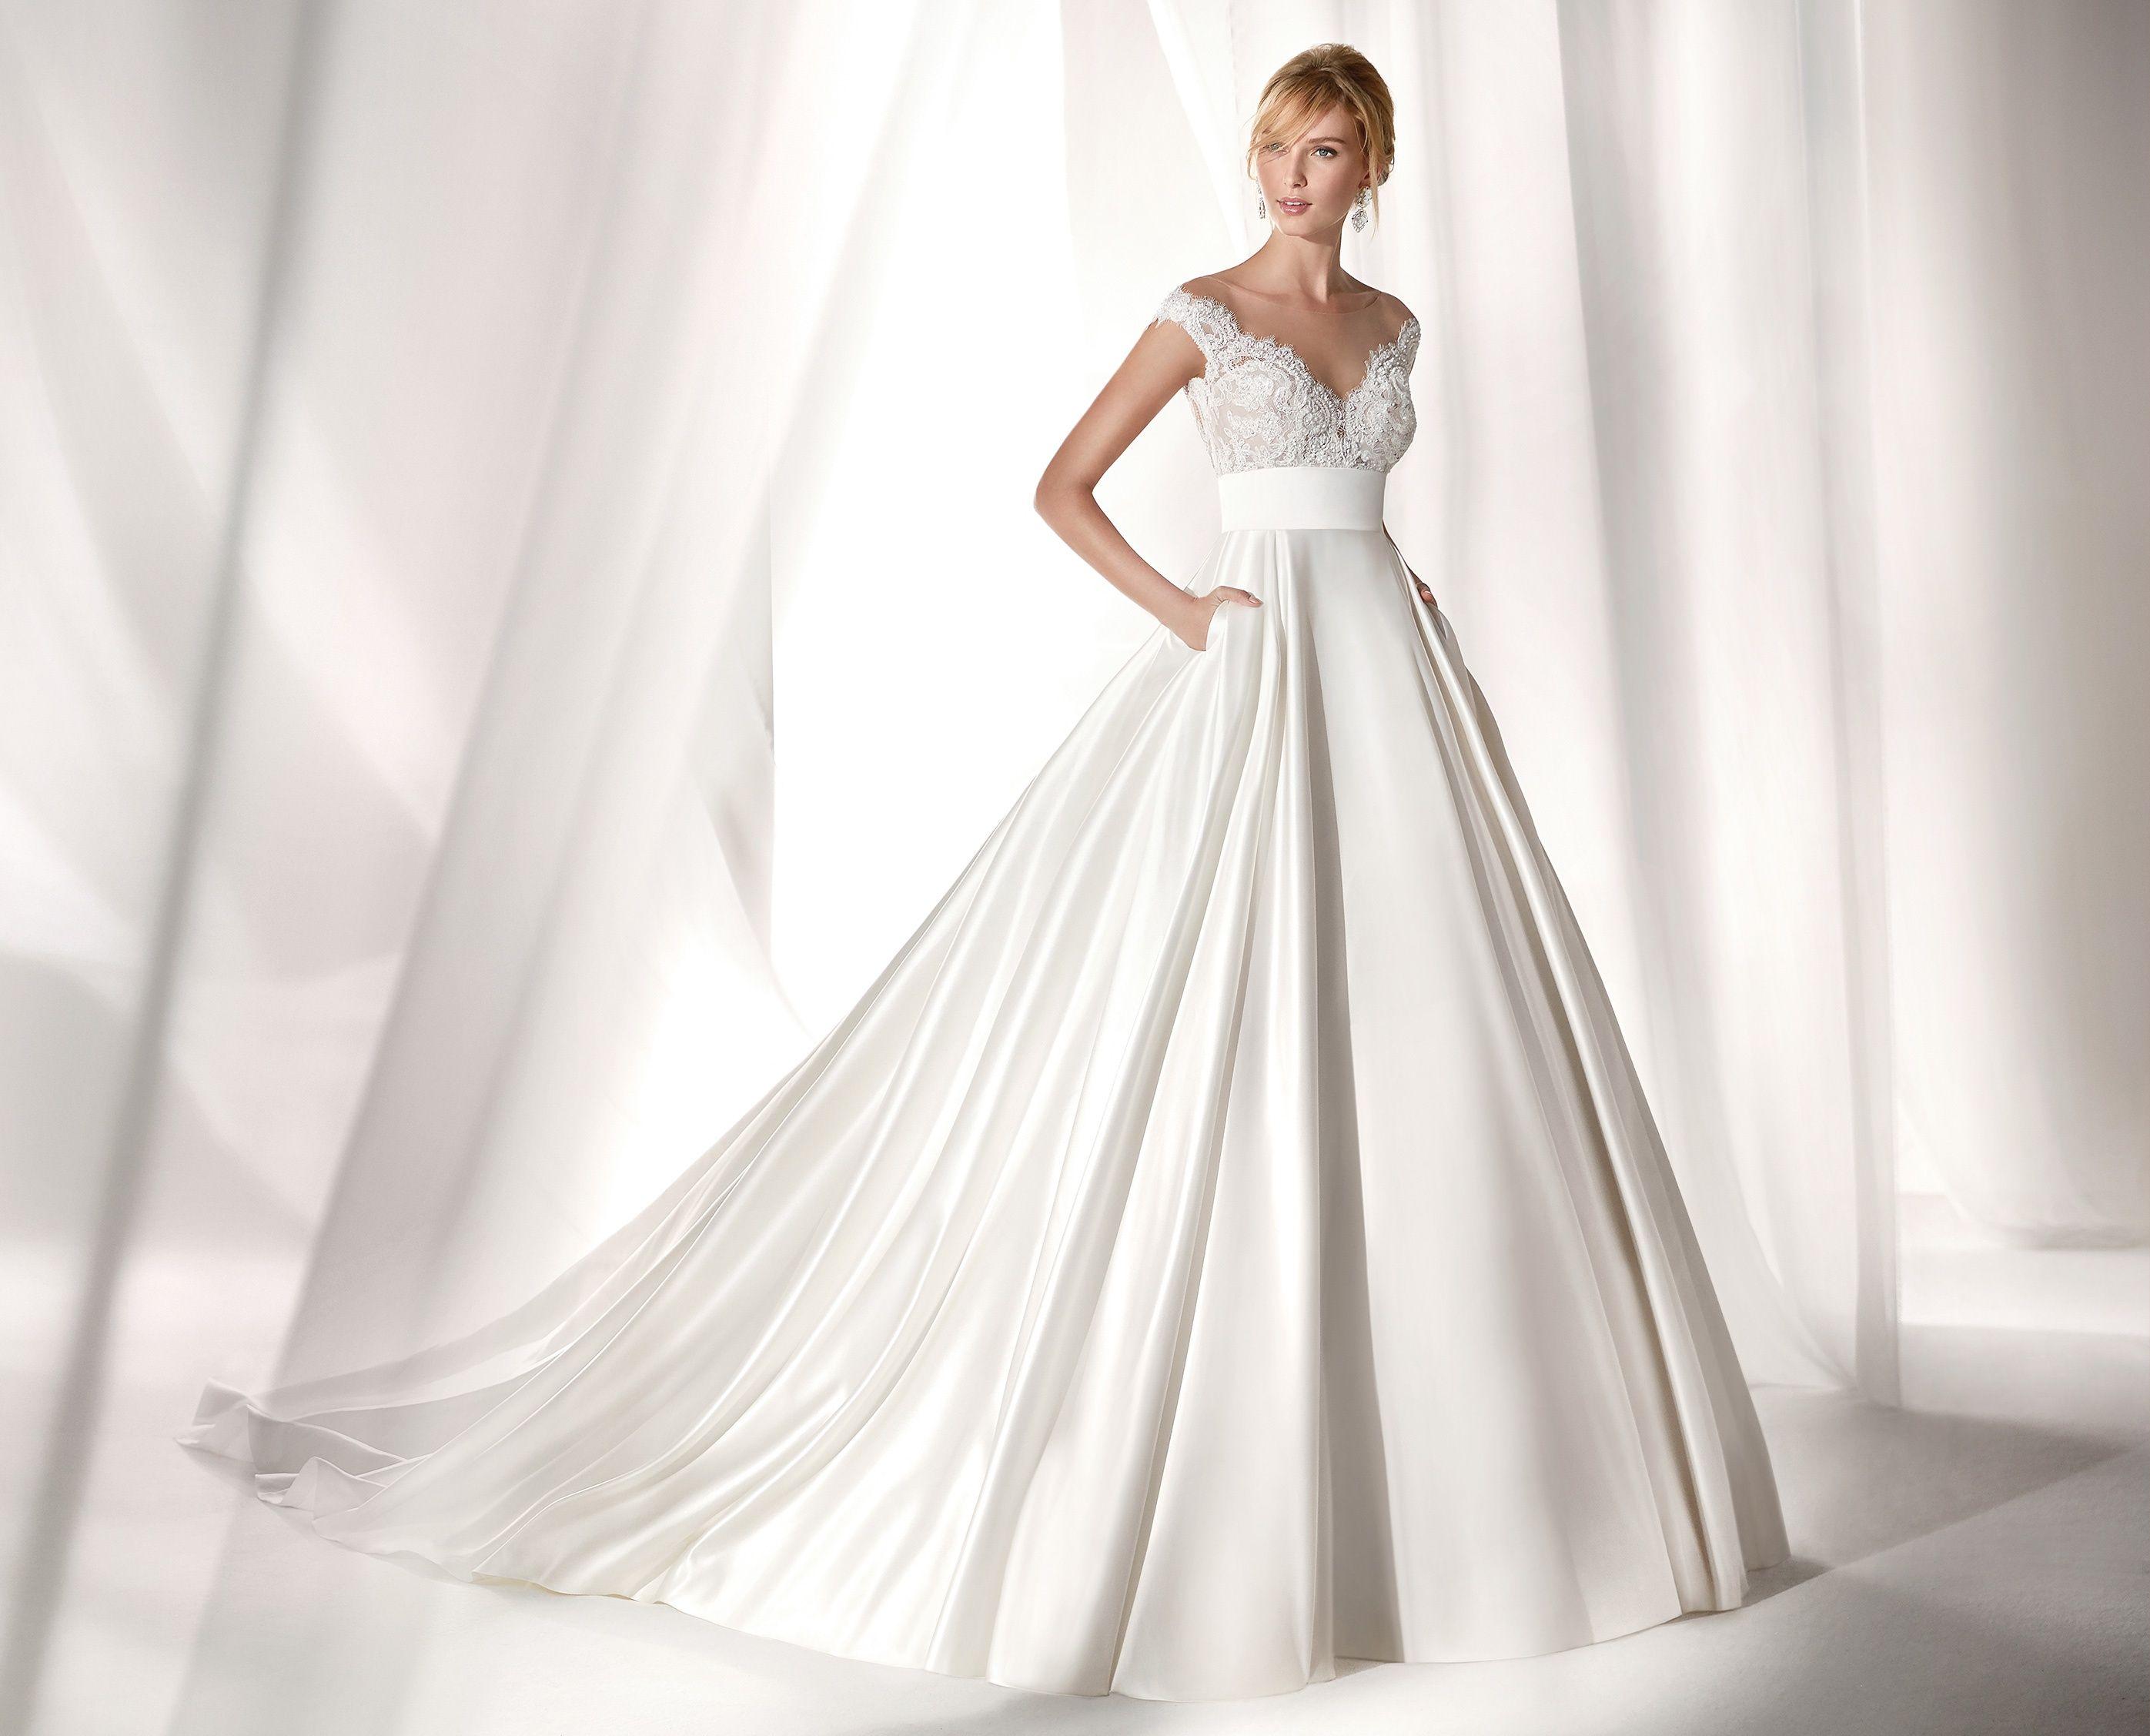 Moda Sposa 2019 Collezione Nicole Niab19036 Abito Da Sposa Nicole Abiti Da Sposa Sposa Abiti